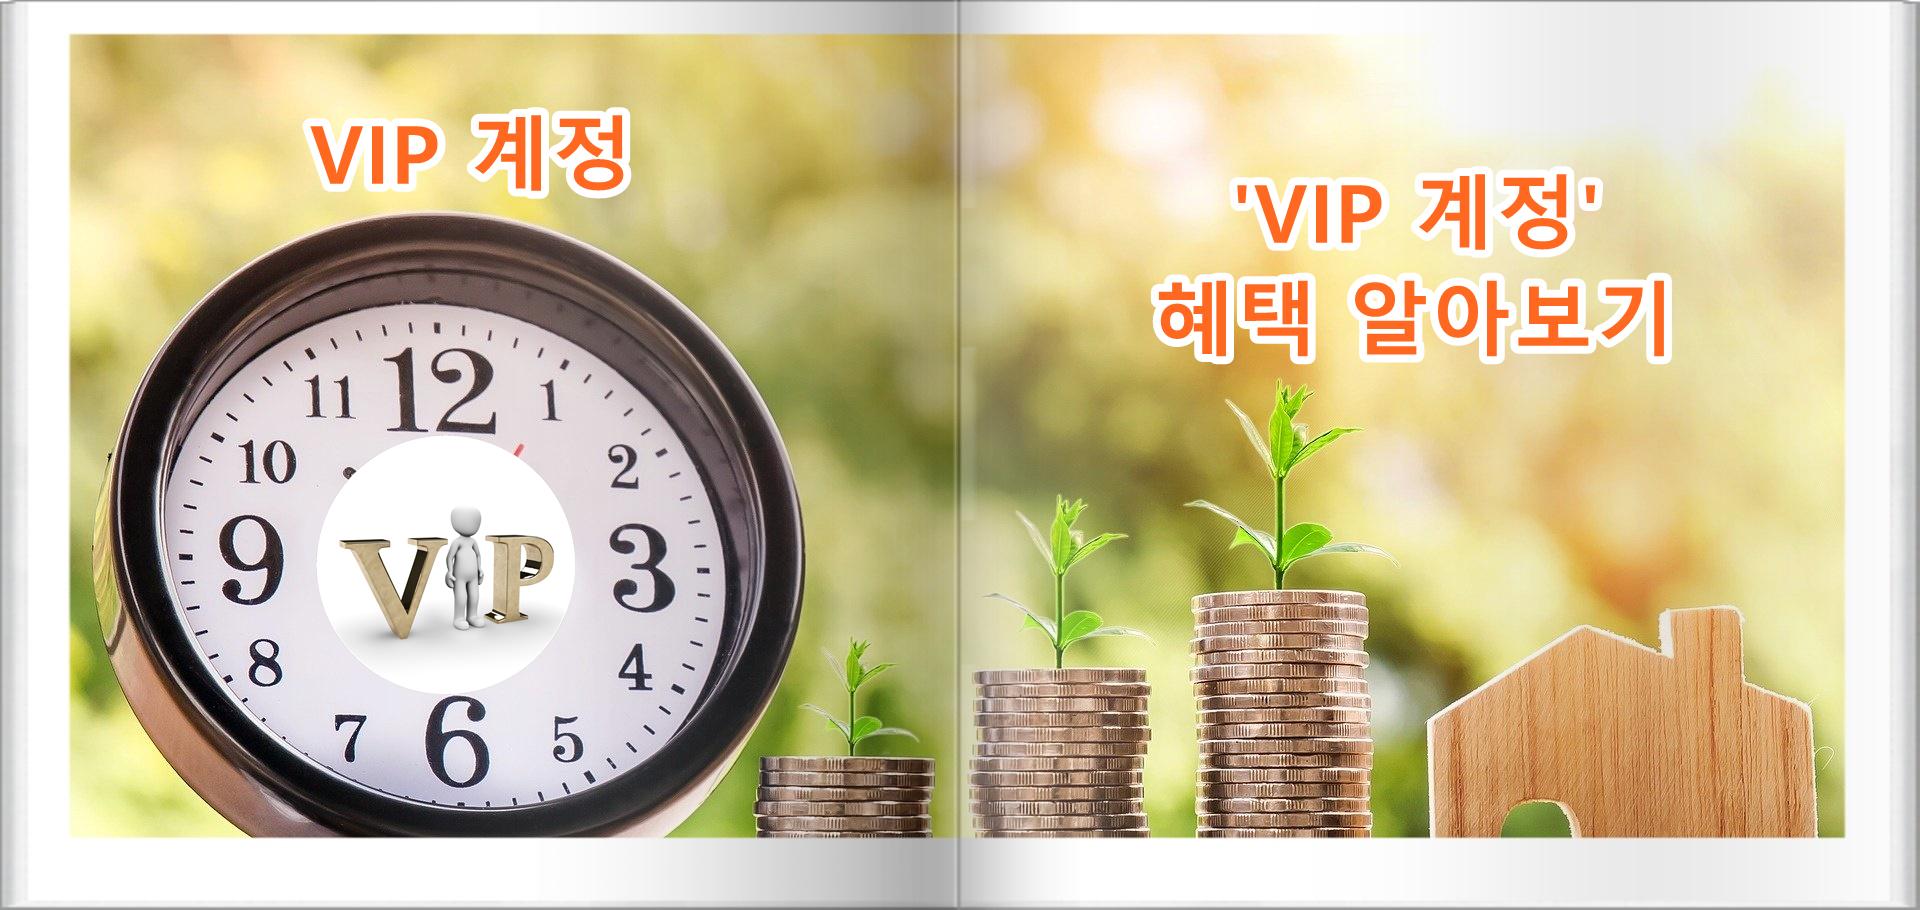 콕플레이(KOK-PLAY) 메뉴얼 5편 – VIP 계정插图11